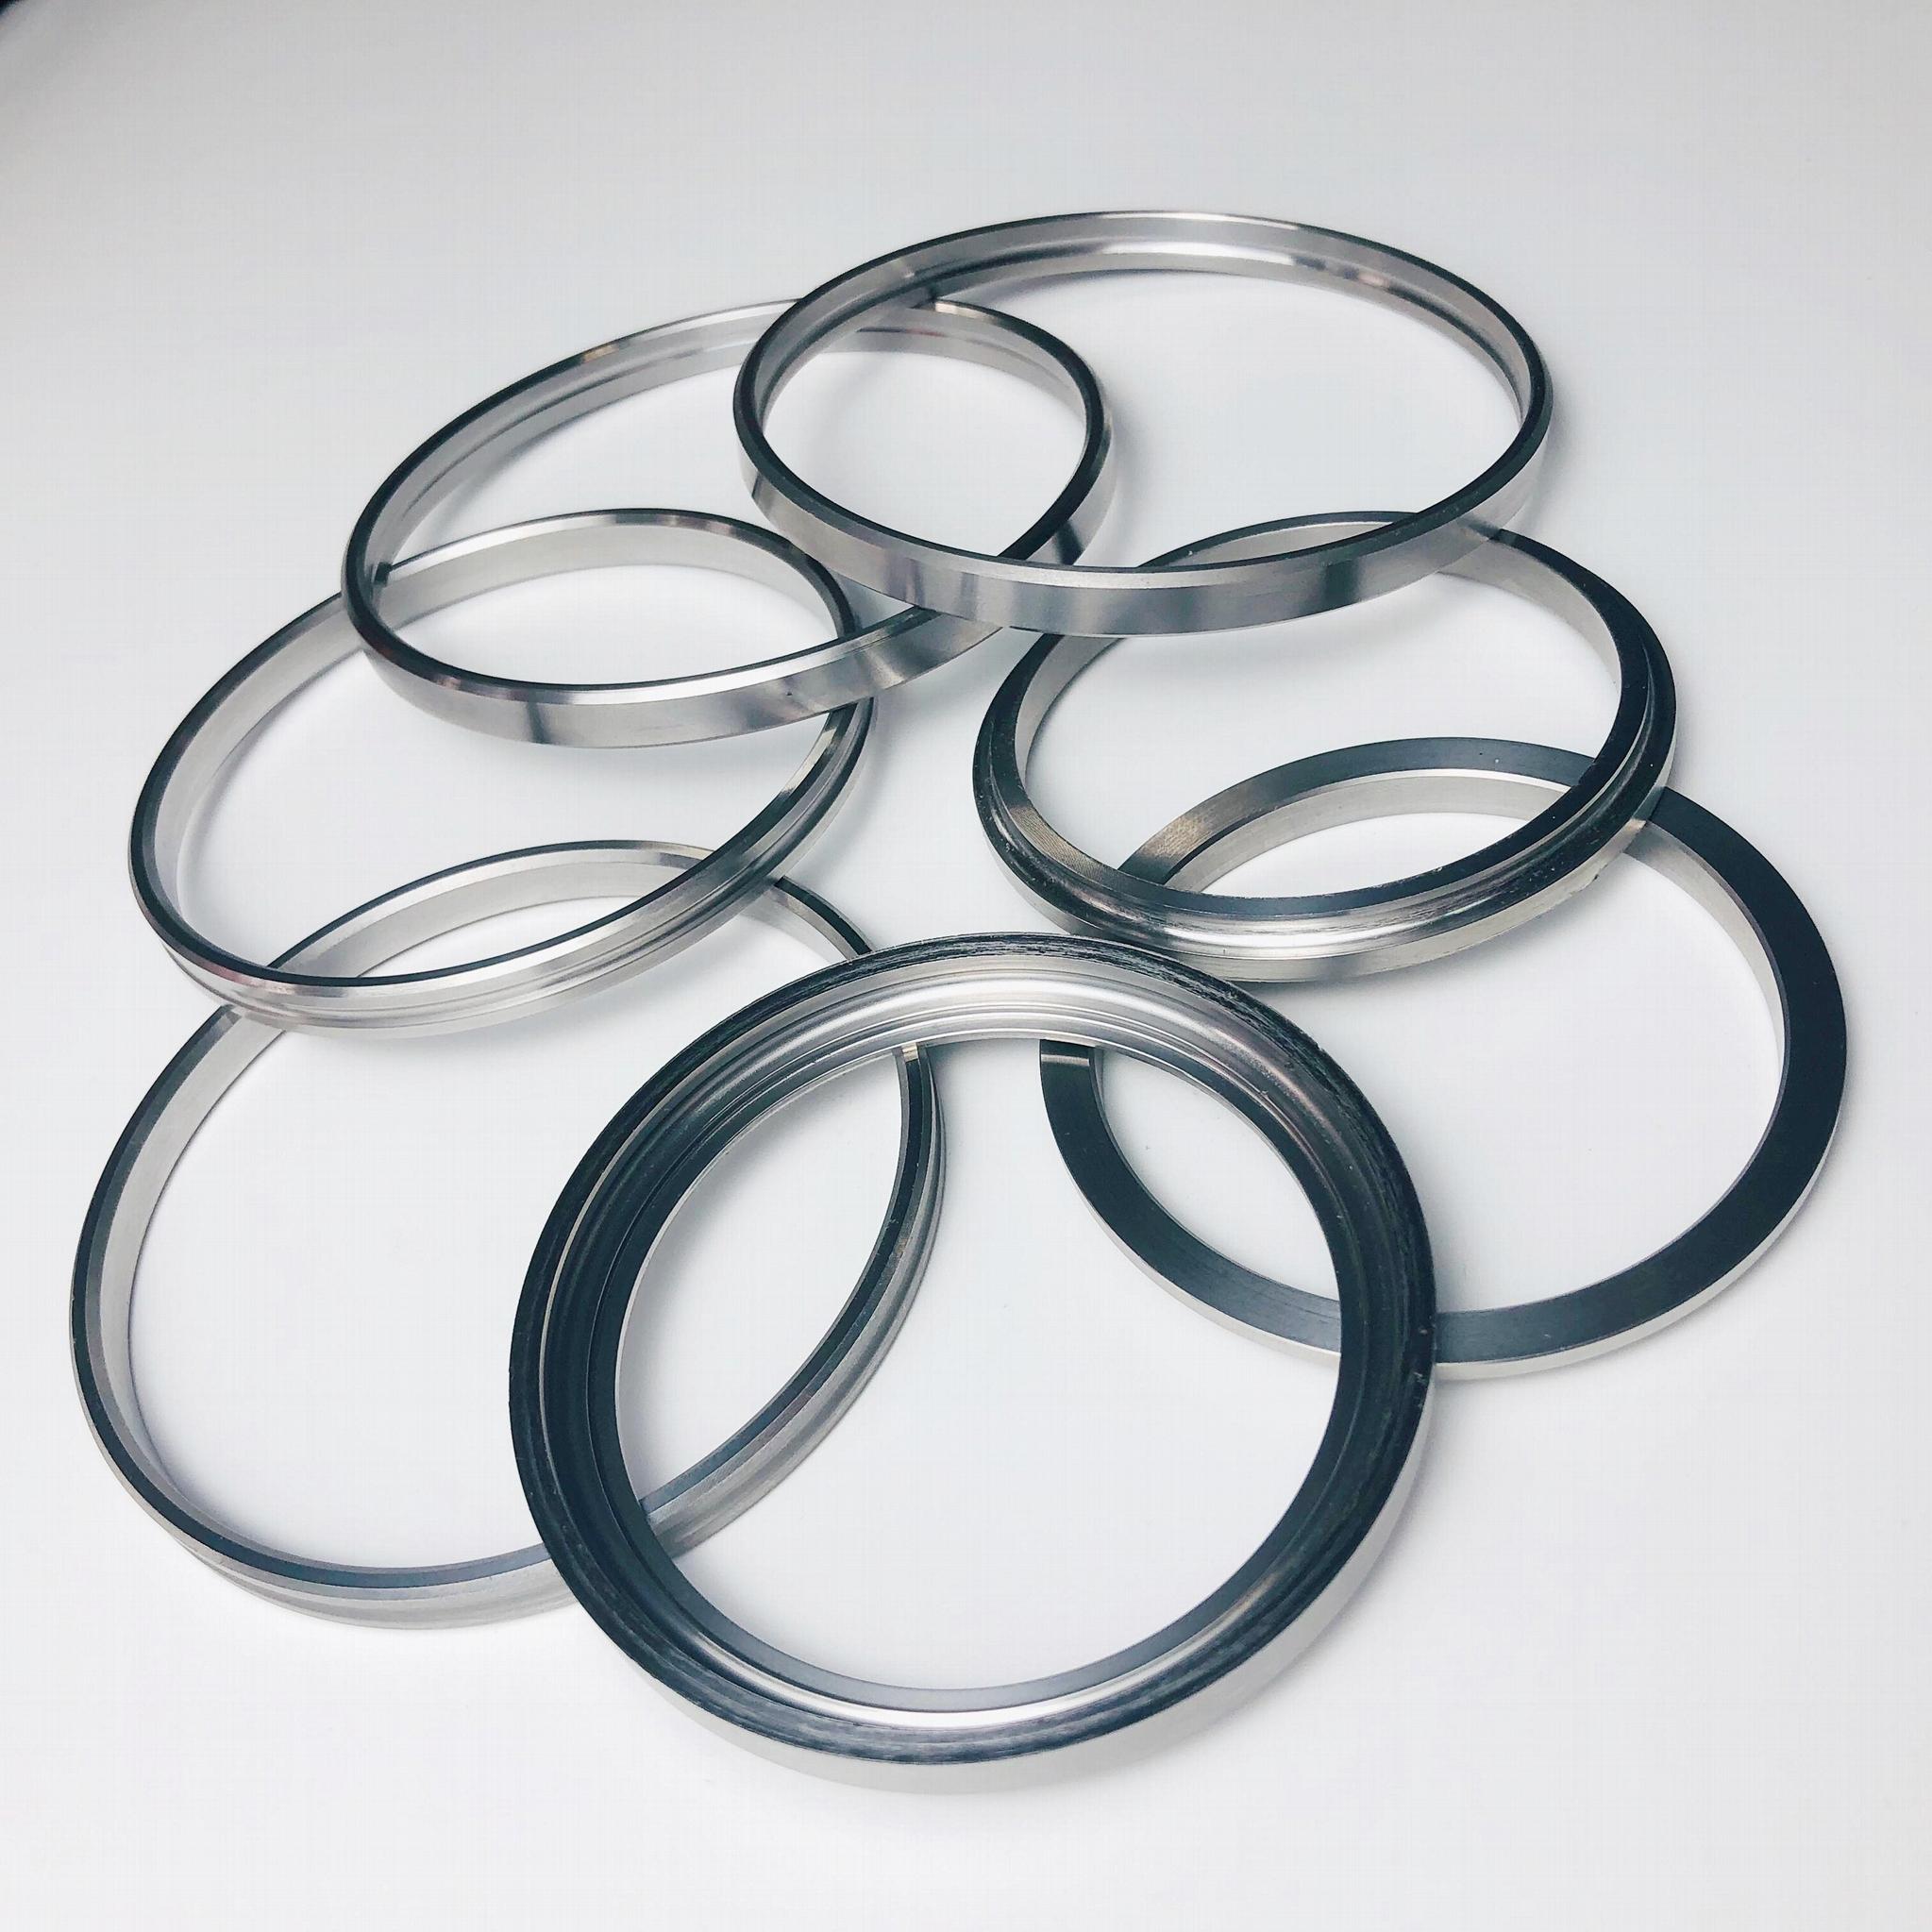 不鏽鋼零件汽車配件軸承密封套圈精密加工 2